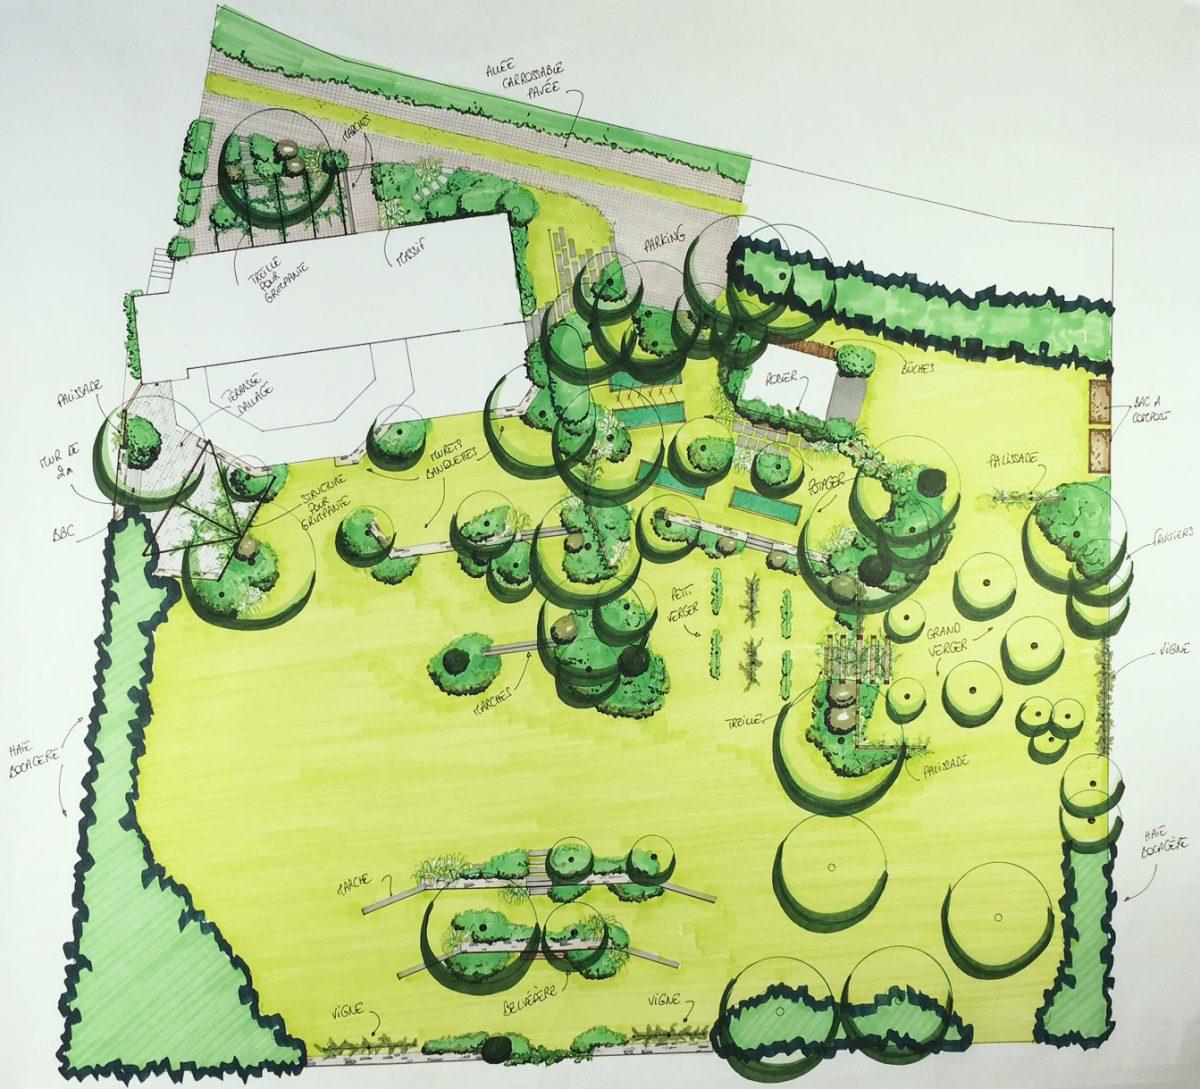 Plan d'avant-projet d'aménagement paysager d'un jardin en pente